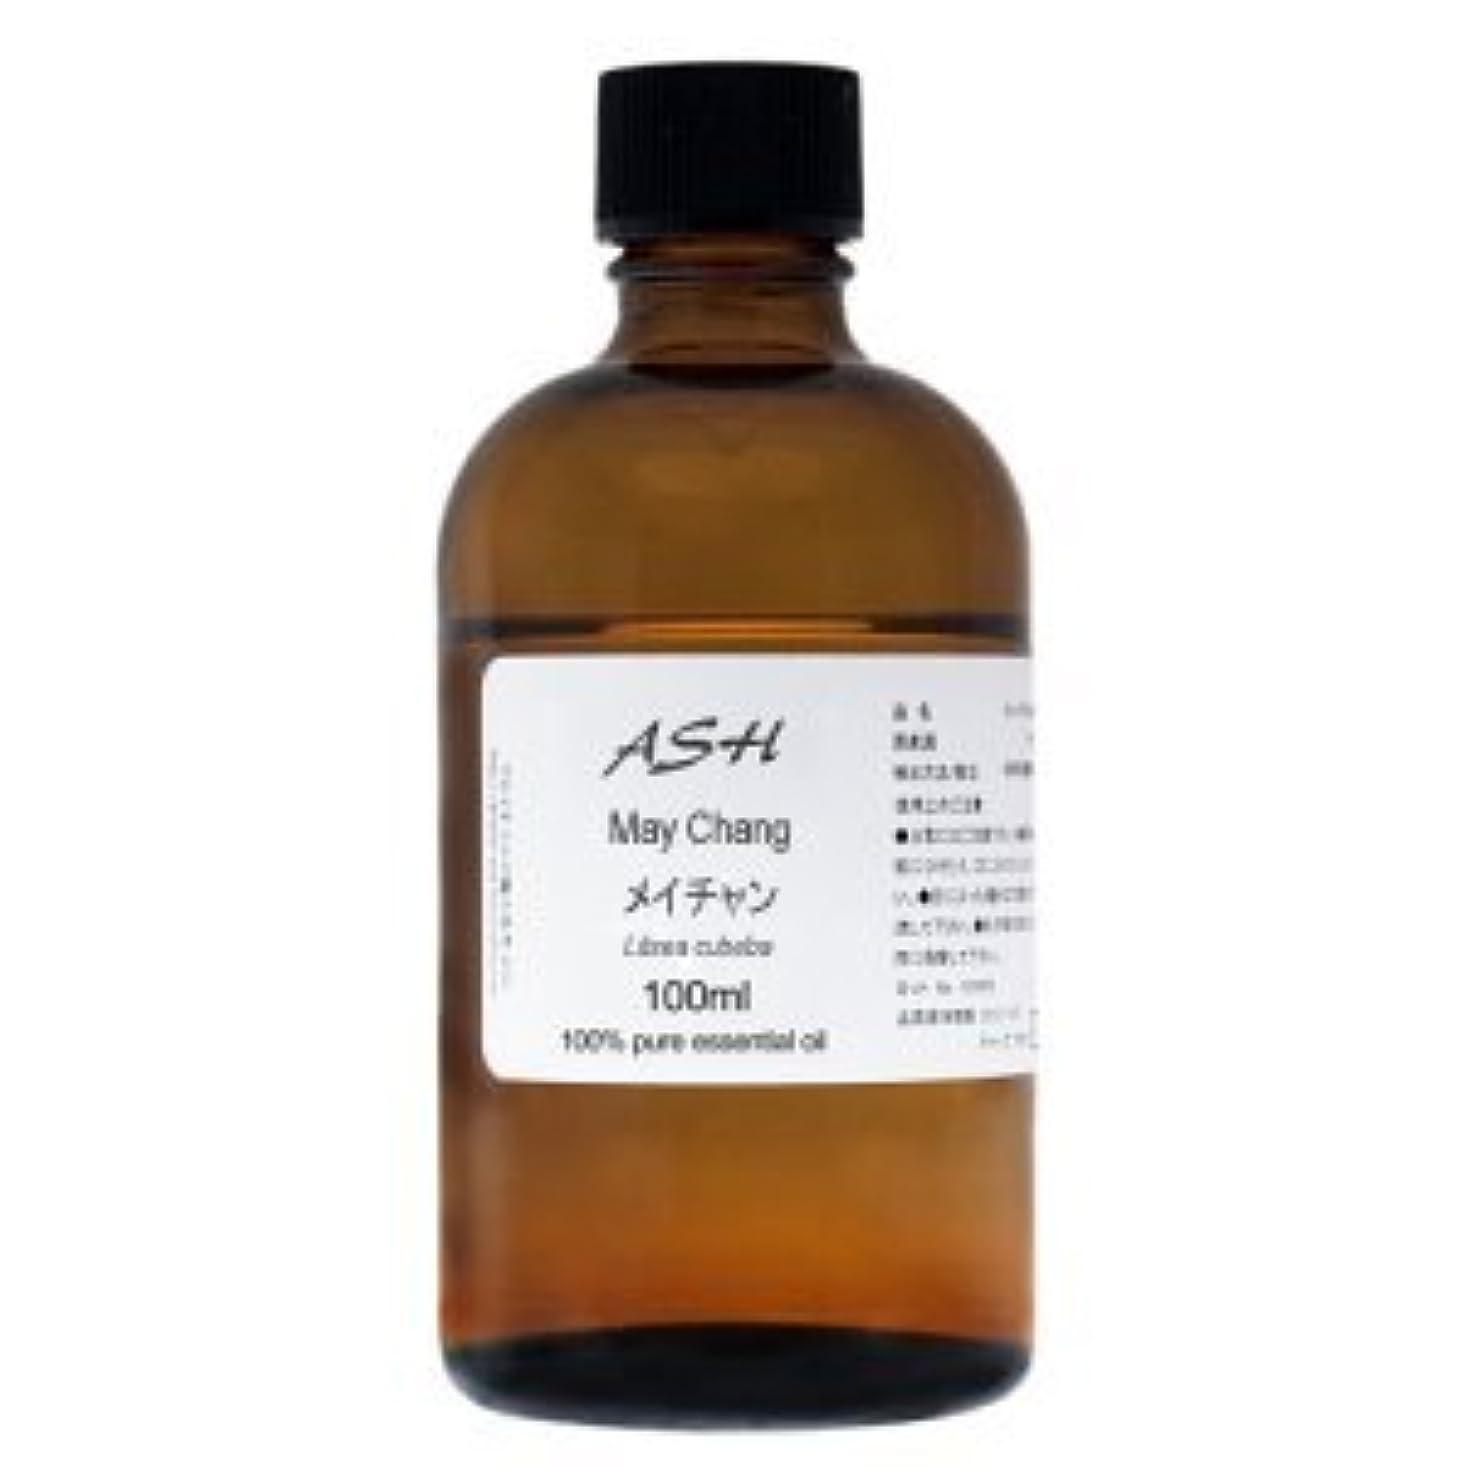 隣接する連続したテロASH メイチャン エッセンシャルオイル 100ml AEAJ表示基準適合認定精油